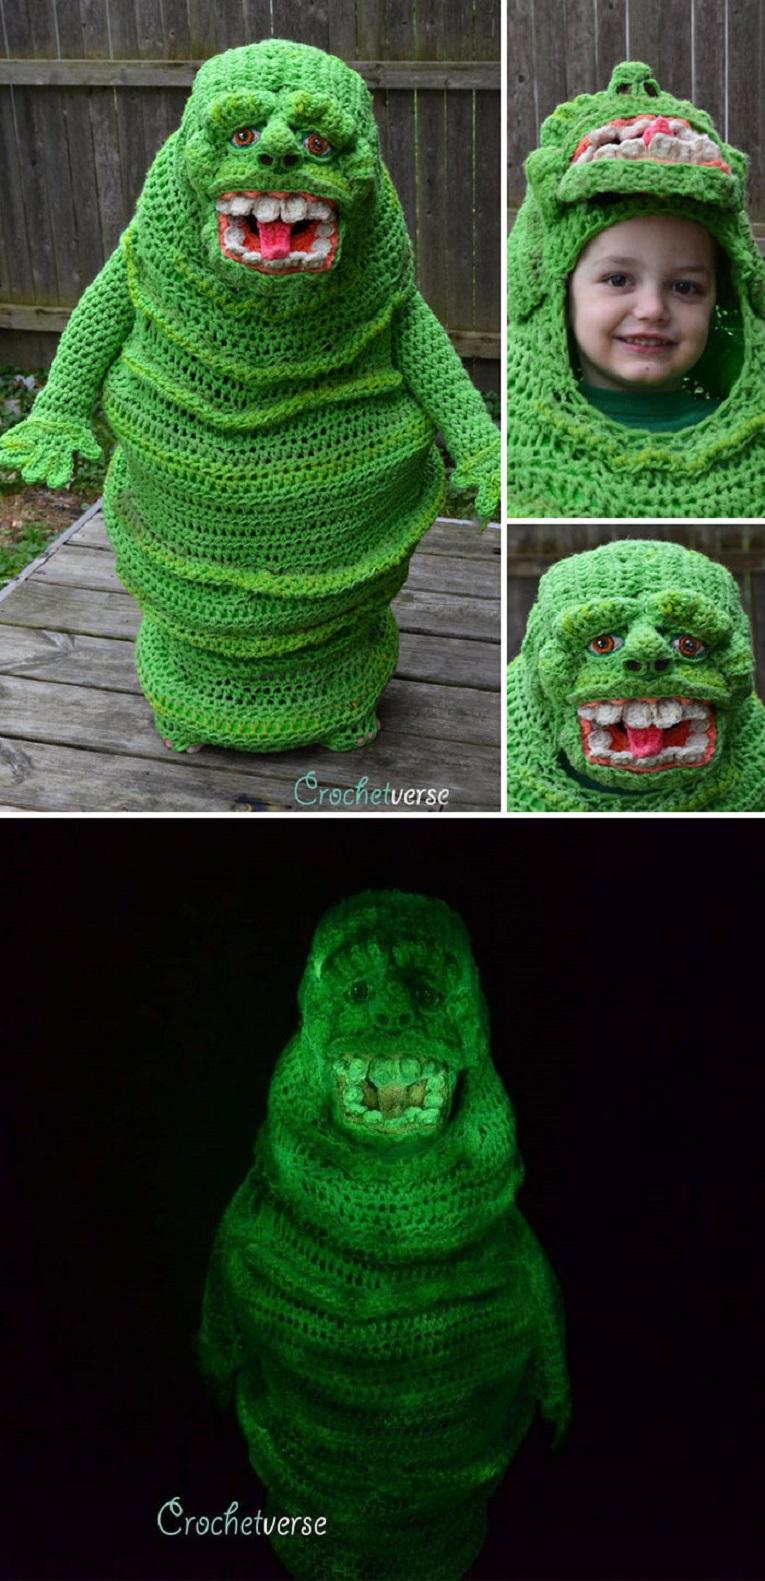 Halloween fantasias de croche que Stephanie Pokorny criou para seus filhos 9